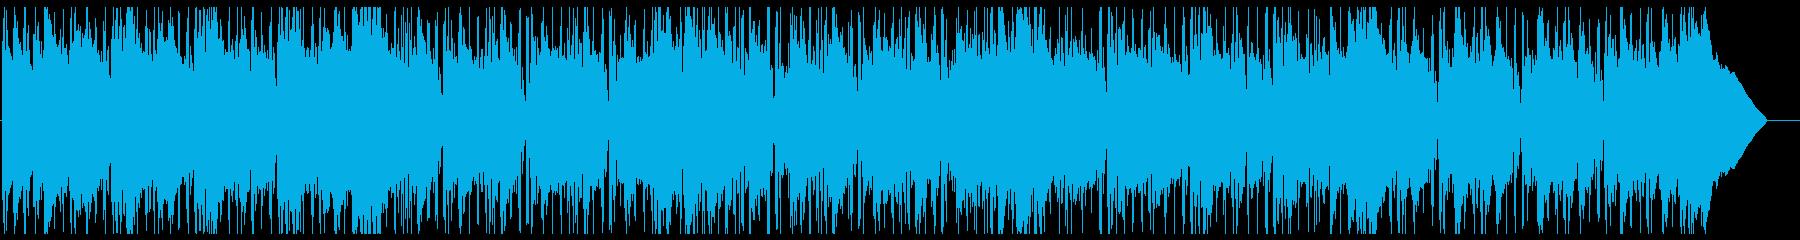 オシャレなチル, Lo-Fi, R&Bの再生済みの波形